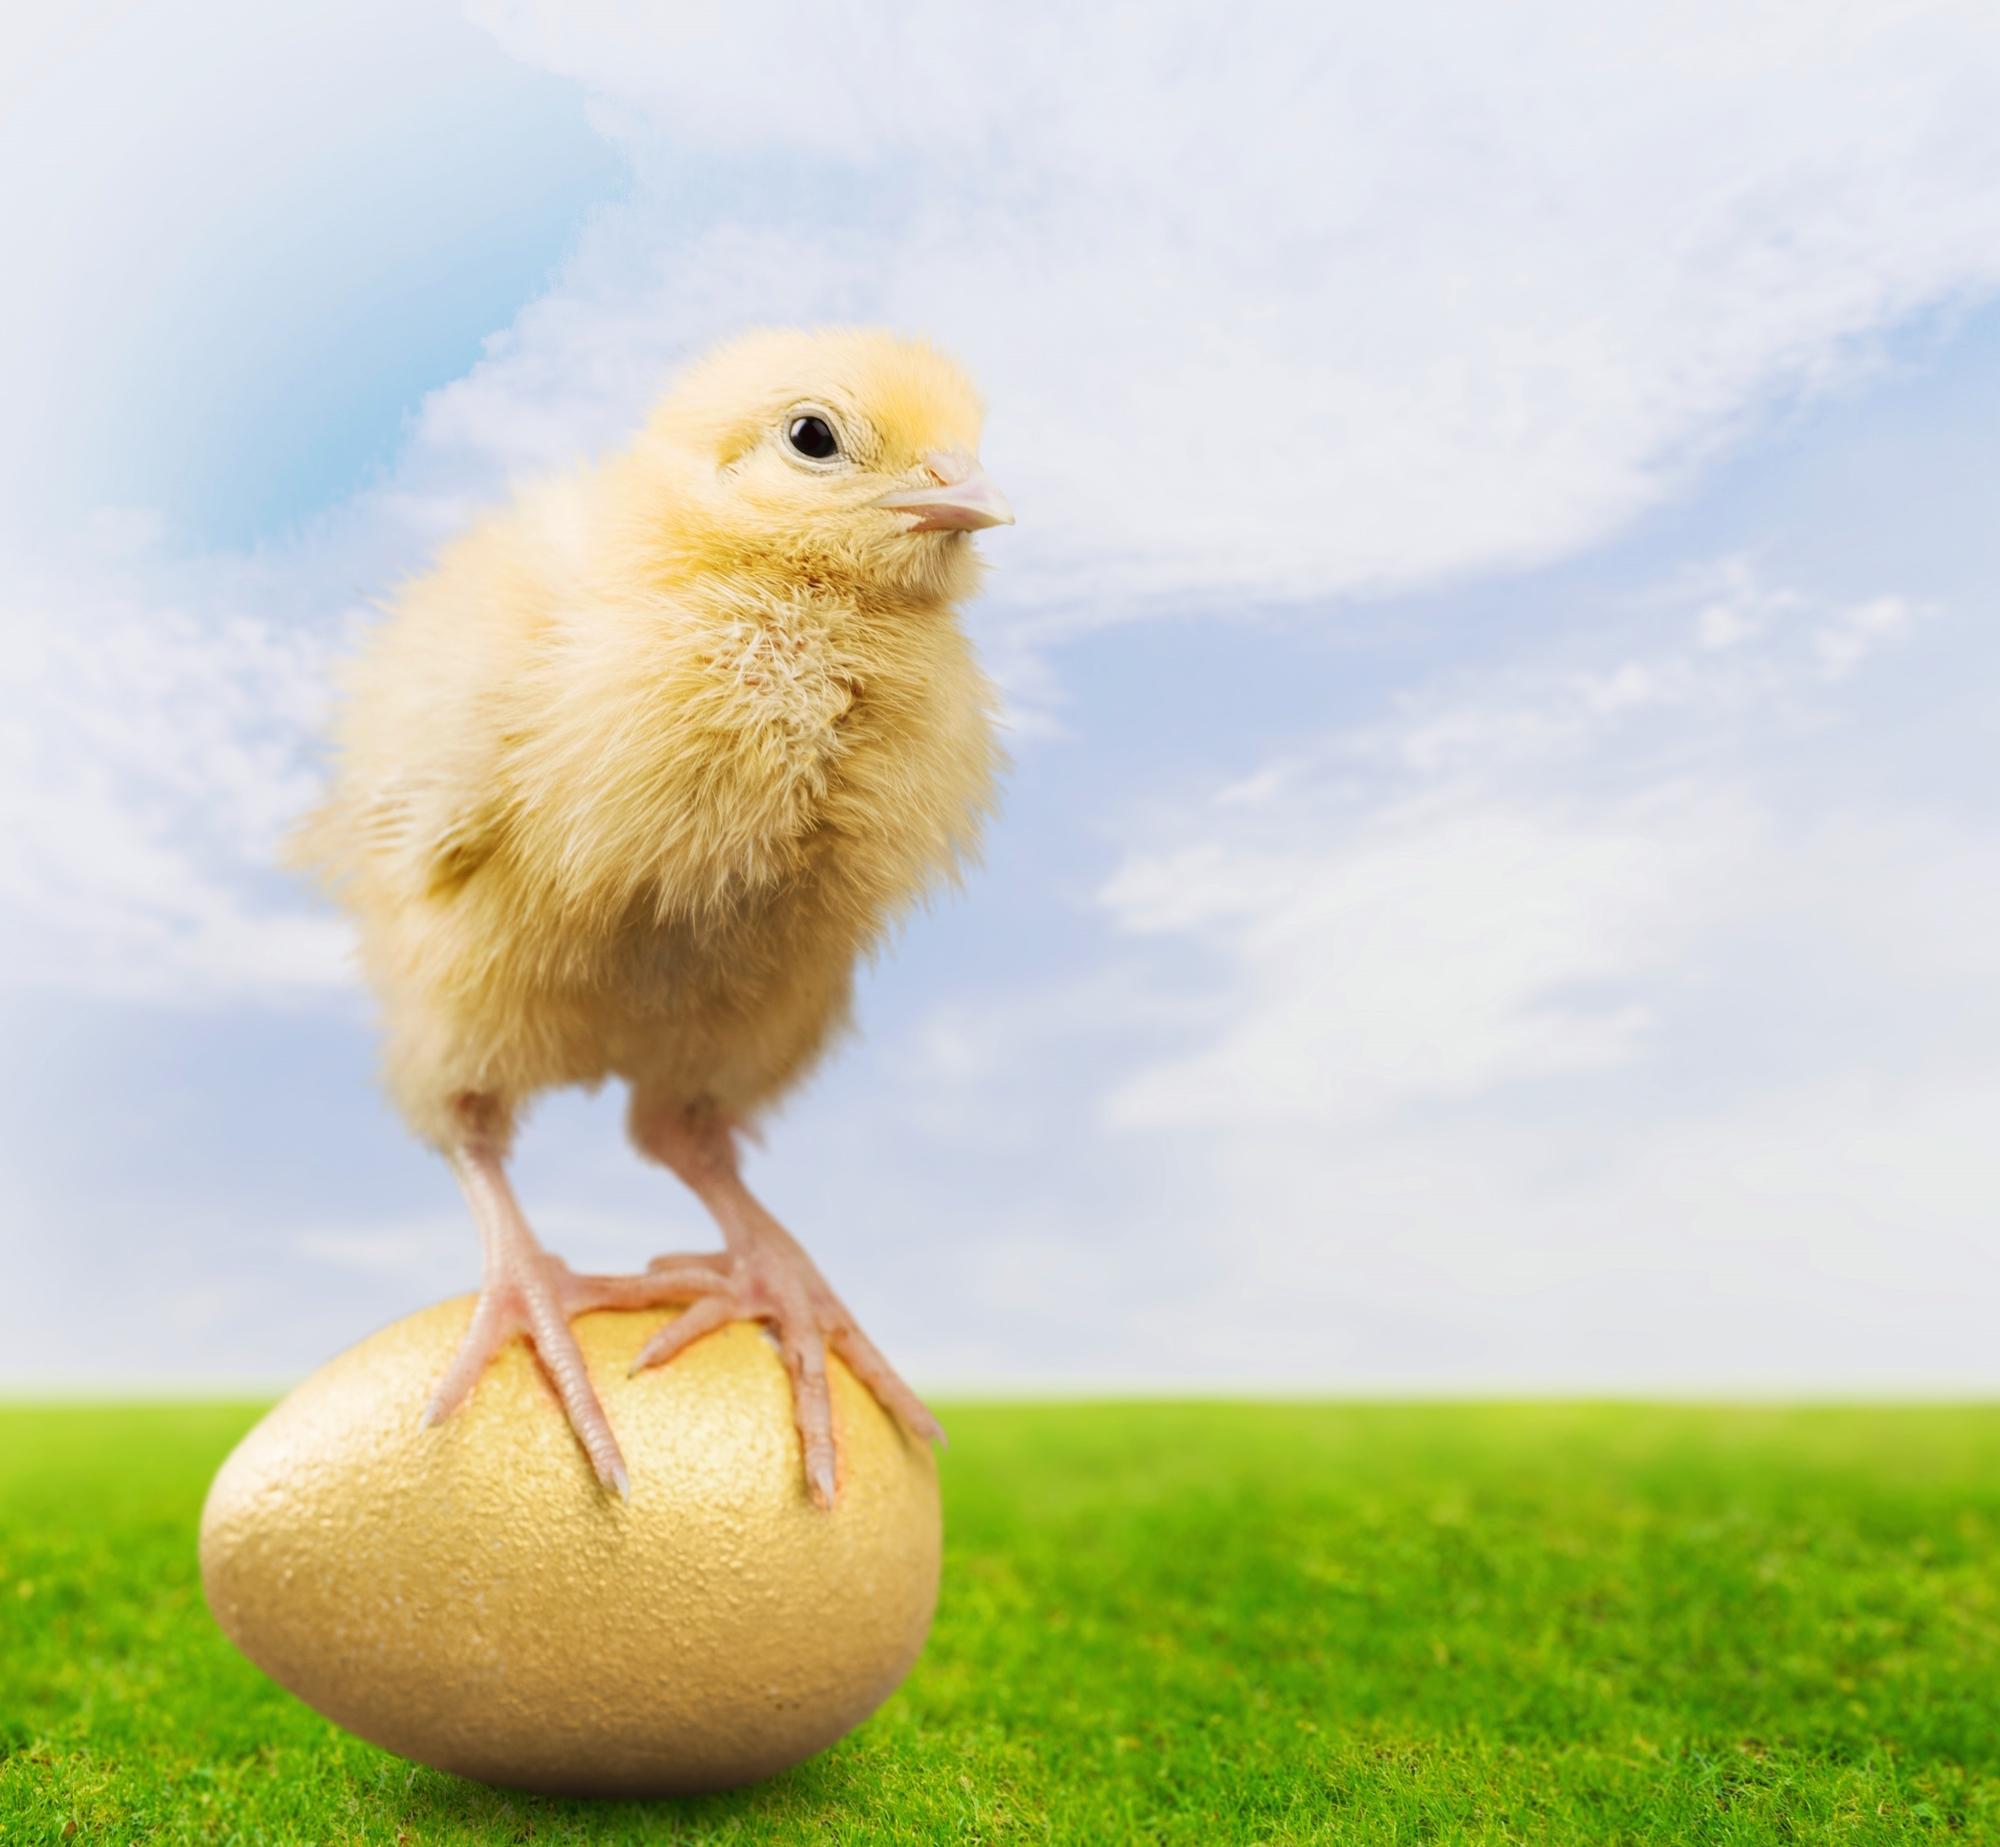 d6f58bc4871b6b8dfb81_Easter_Egg.jpg